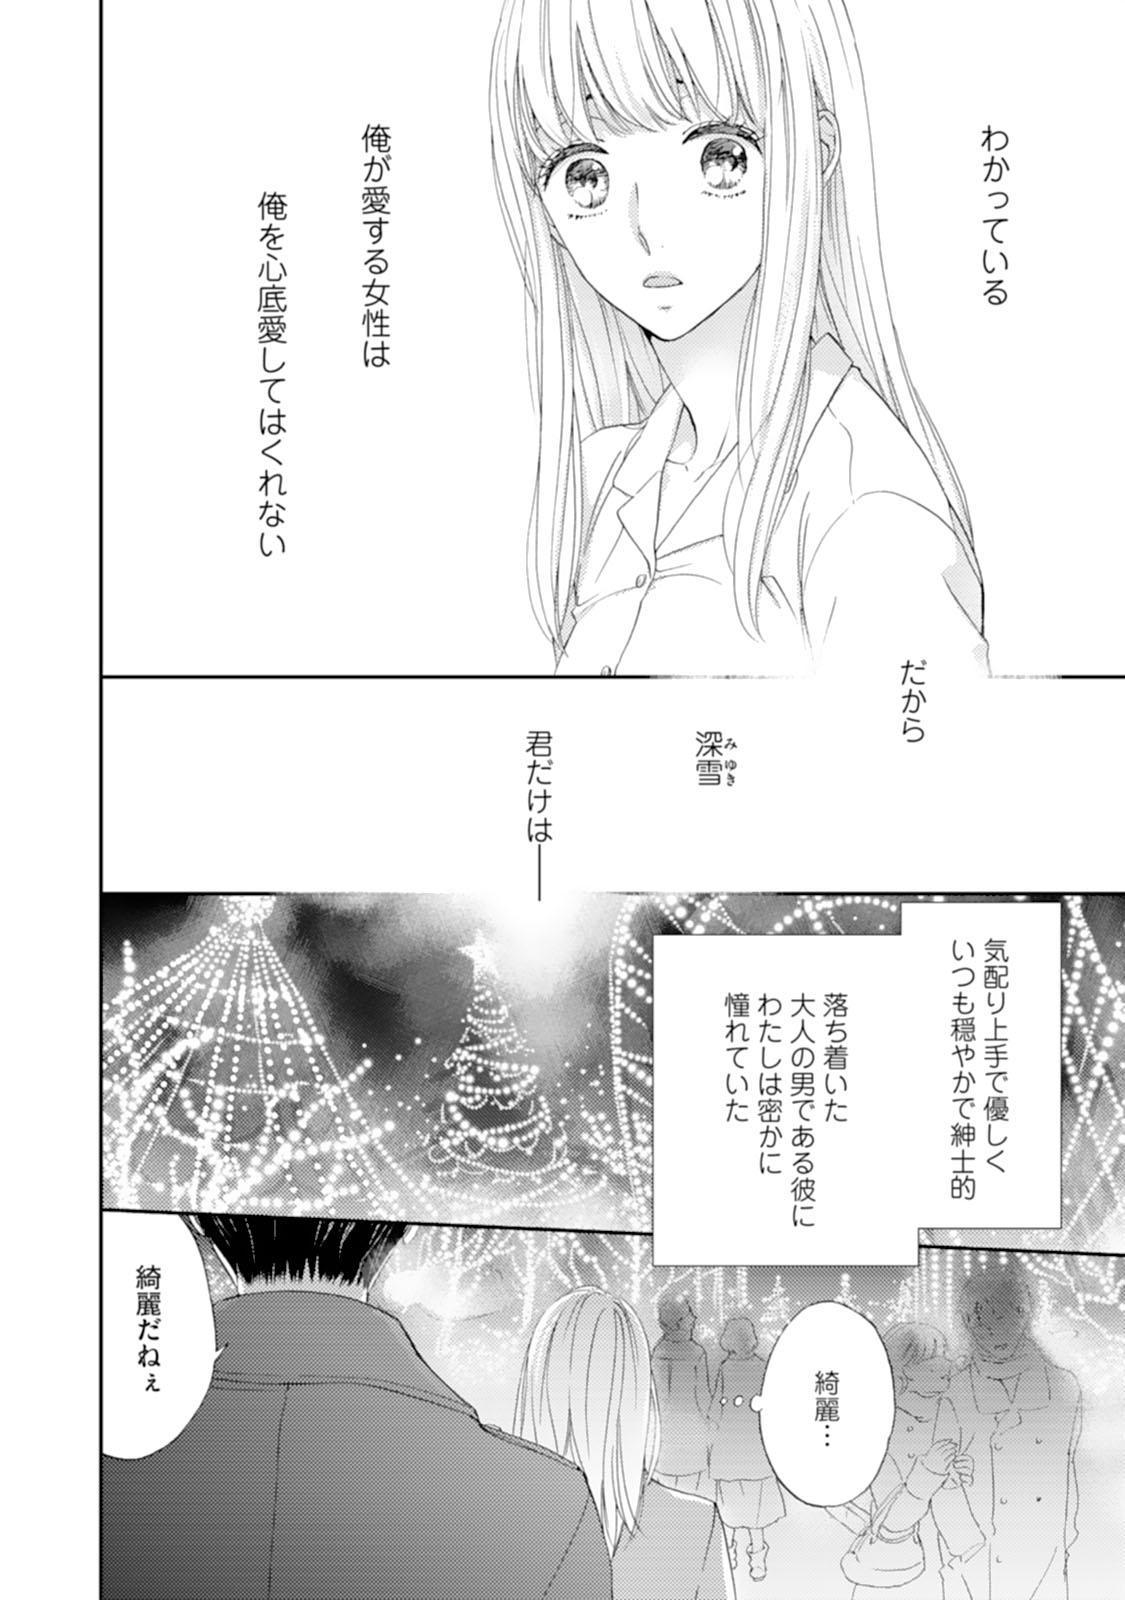 [Adumi Yuu] Choukyou-kei Danshi Ookami-sama to Koneko-chan Ch. 1-3 3